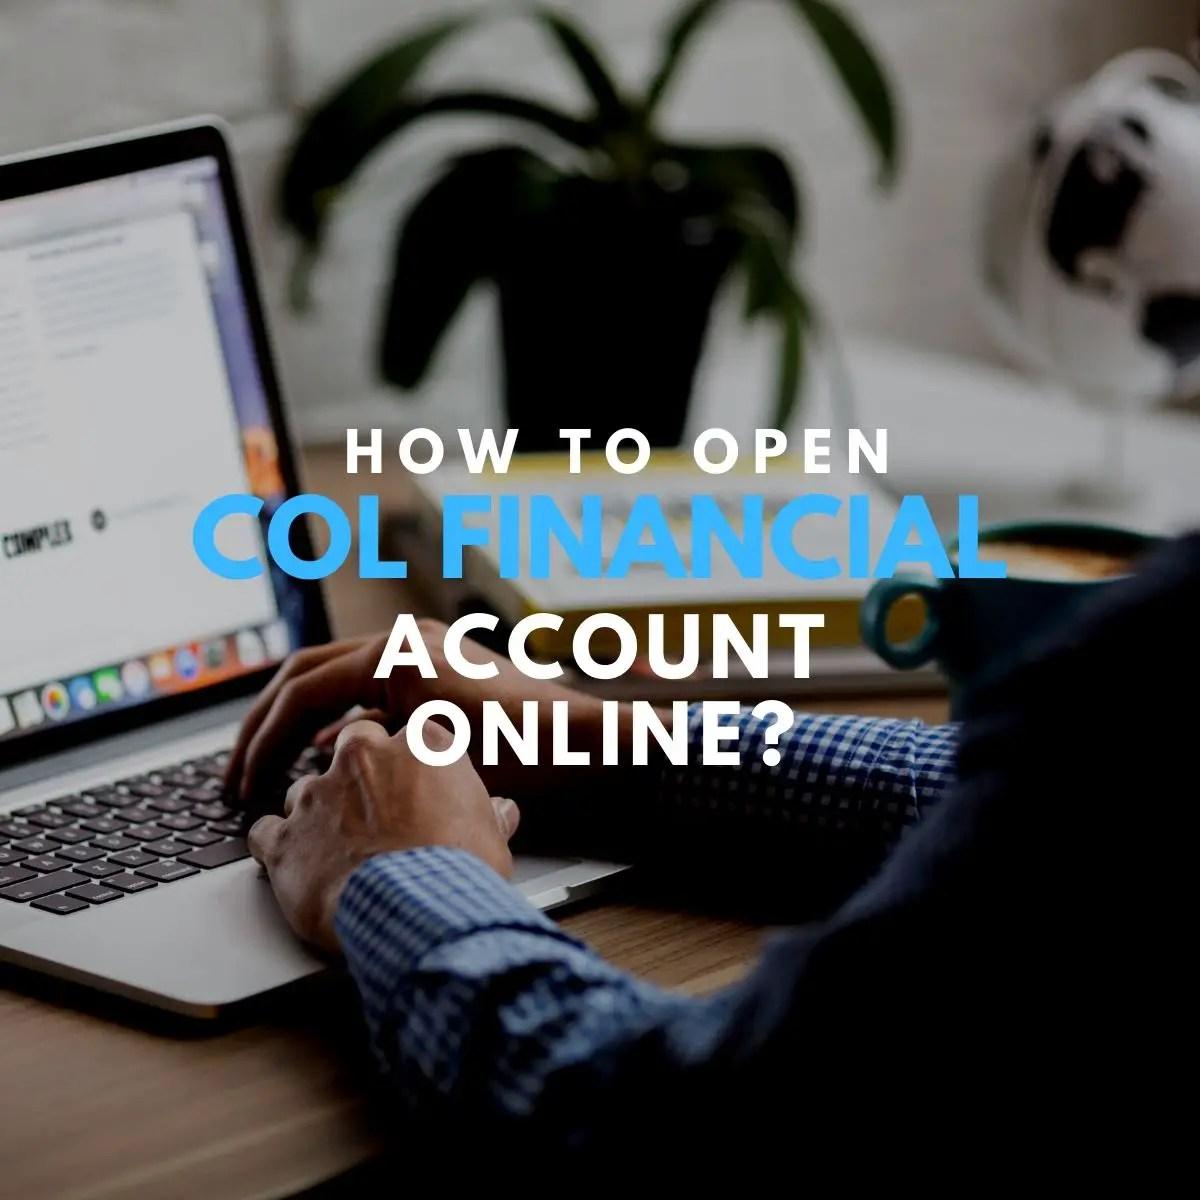 procedures how to open col financial account online